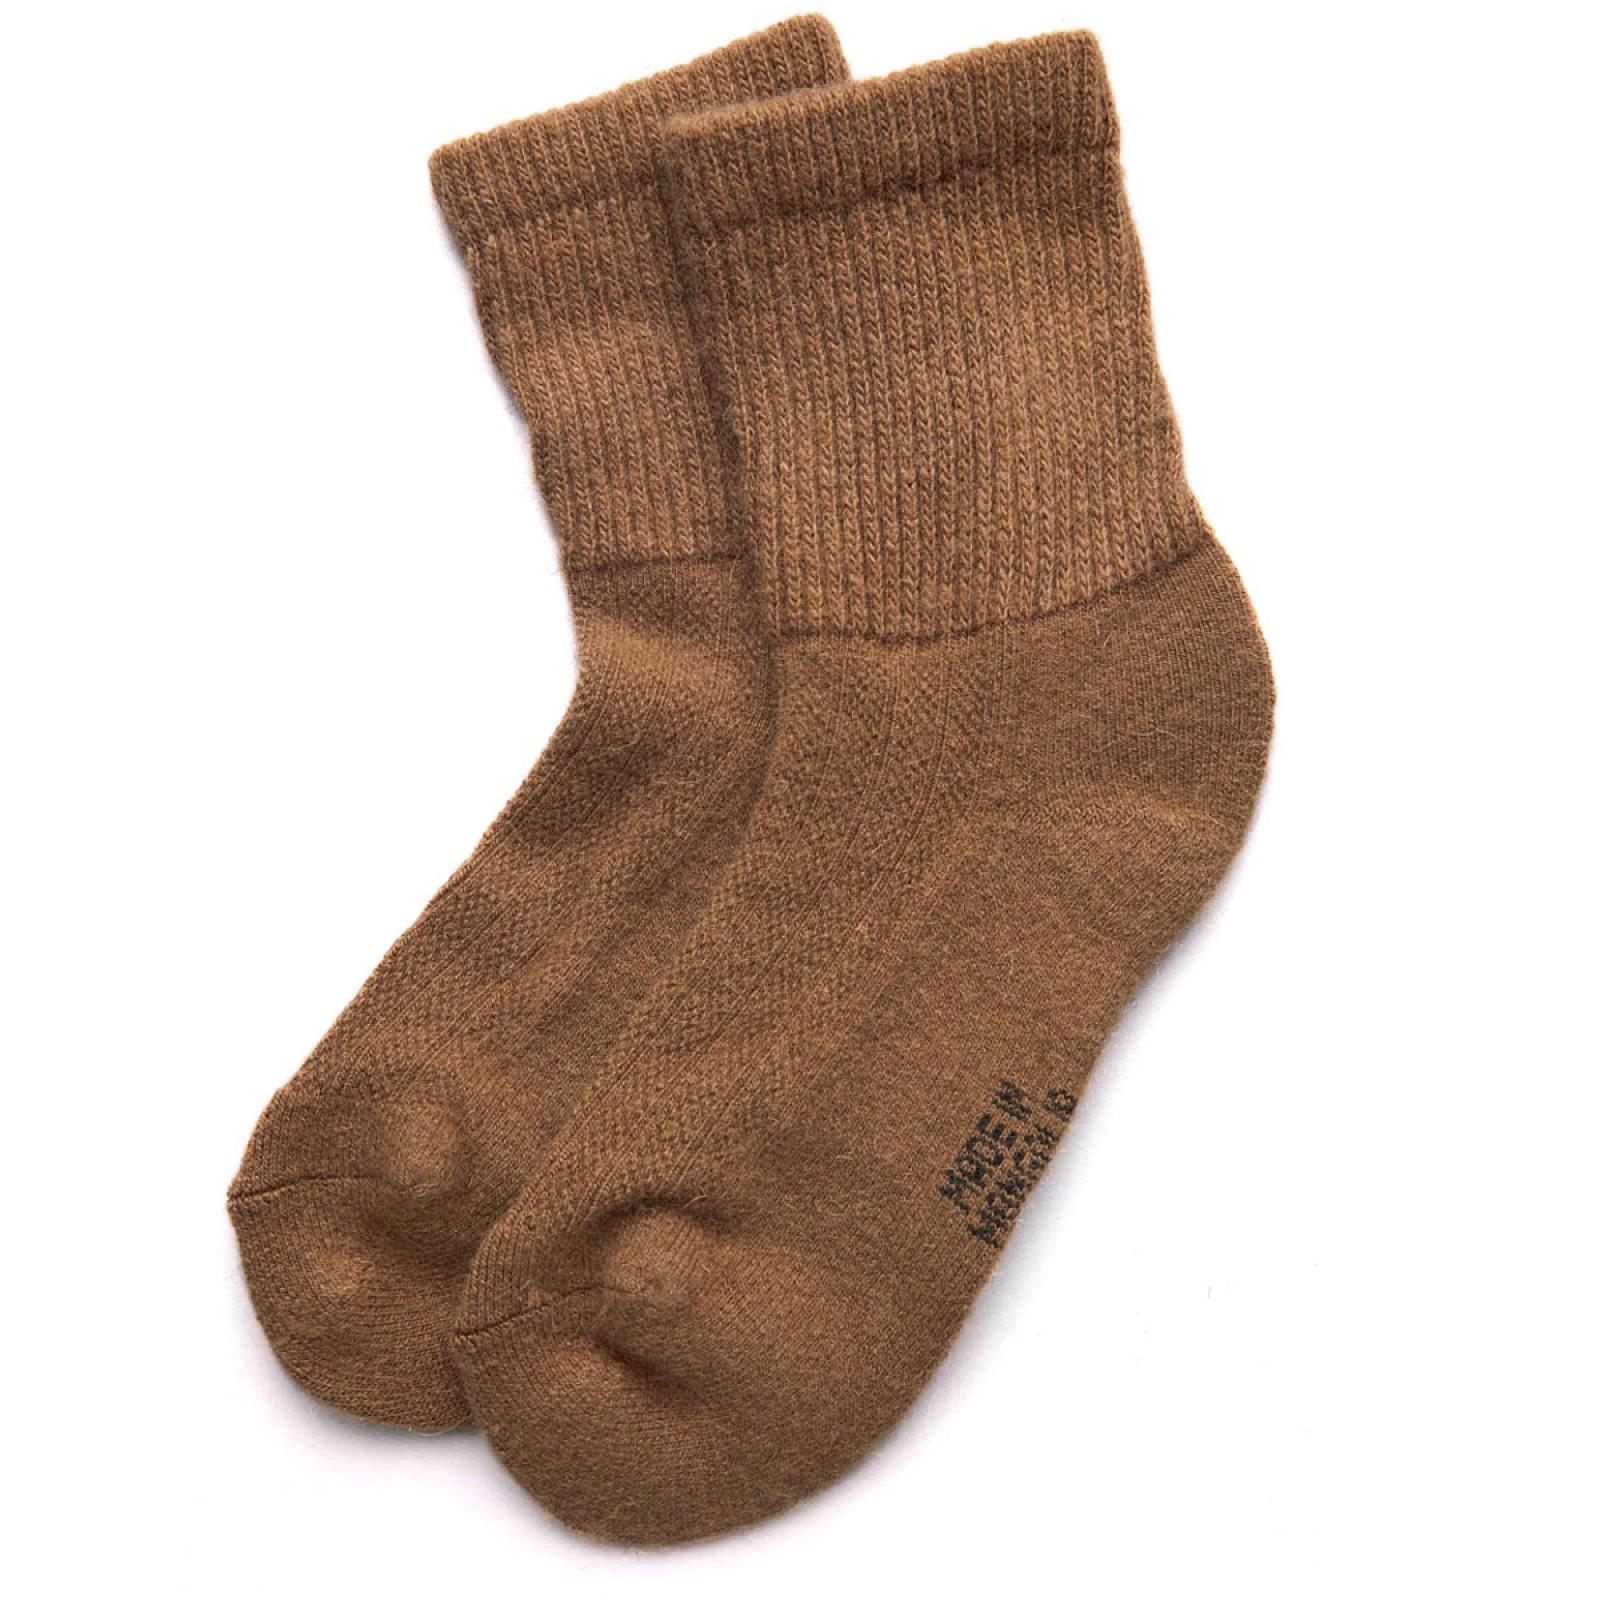 Носки взрослые из монгольской верблюжьей шерсти коричневые